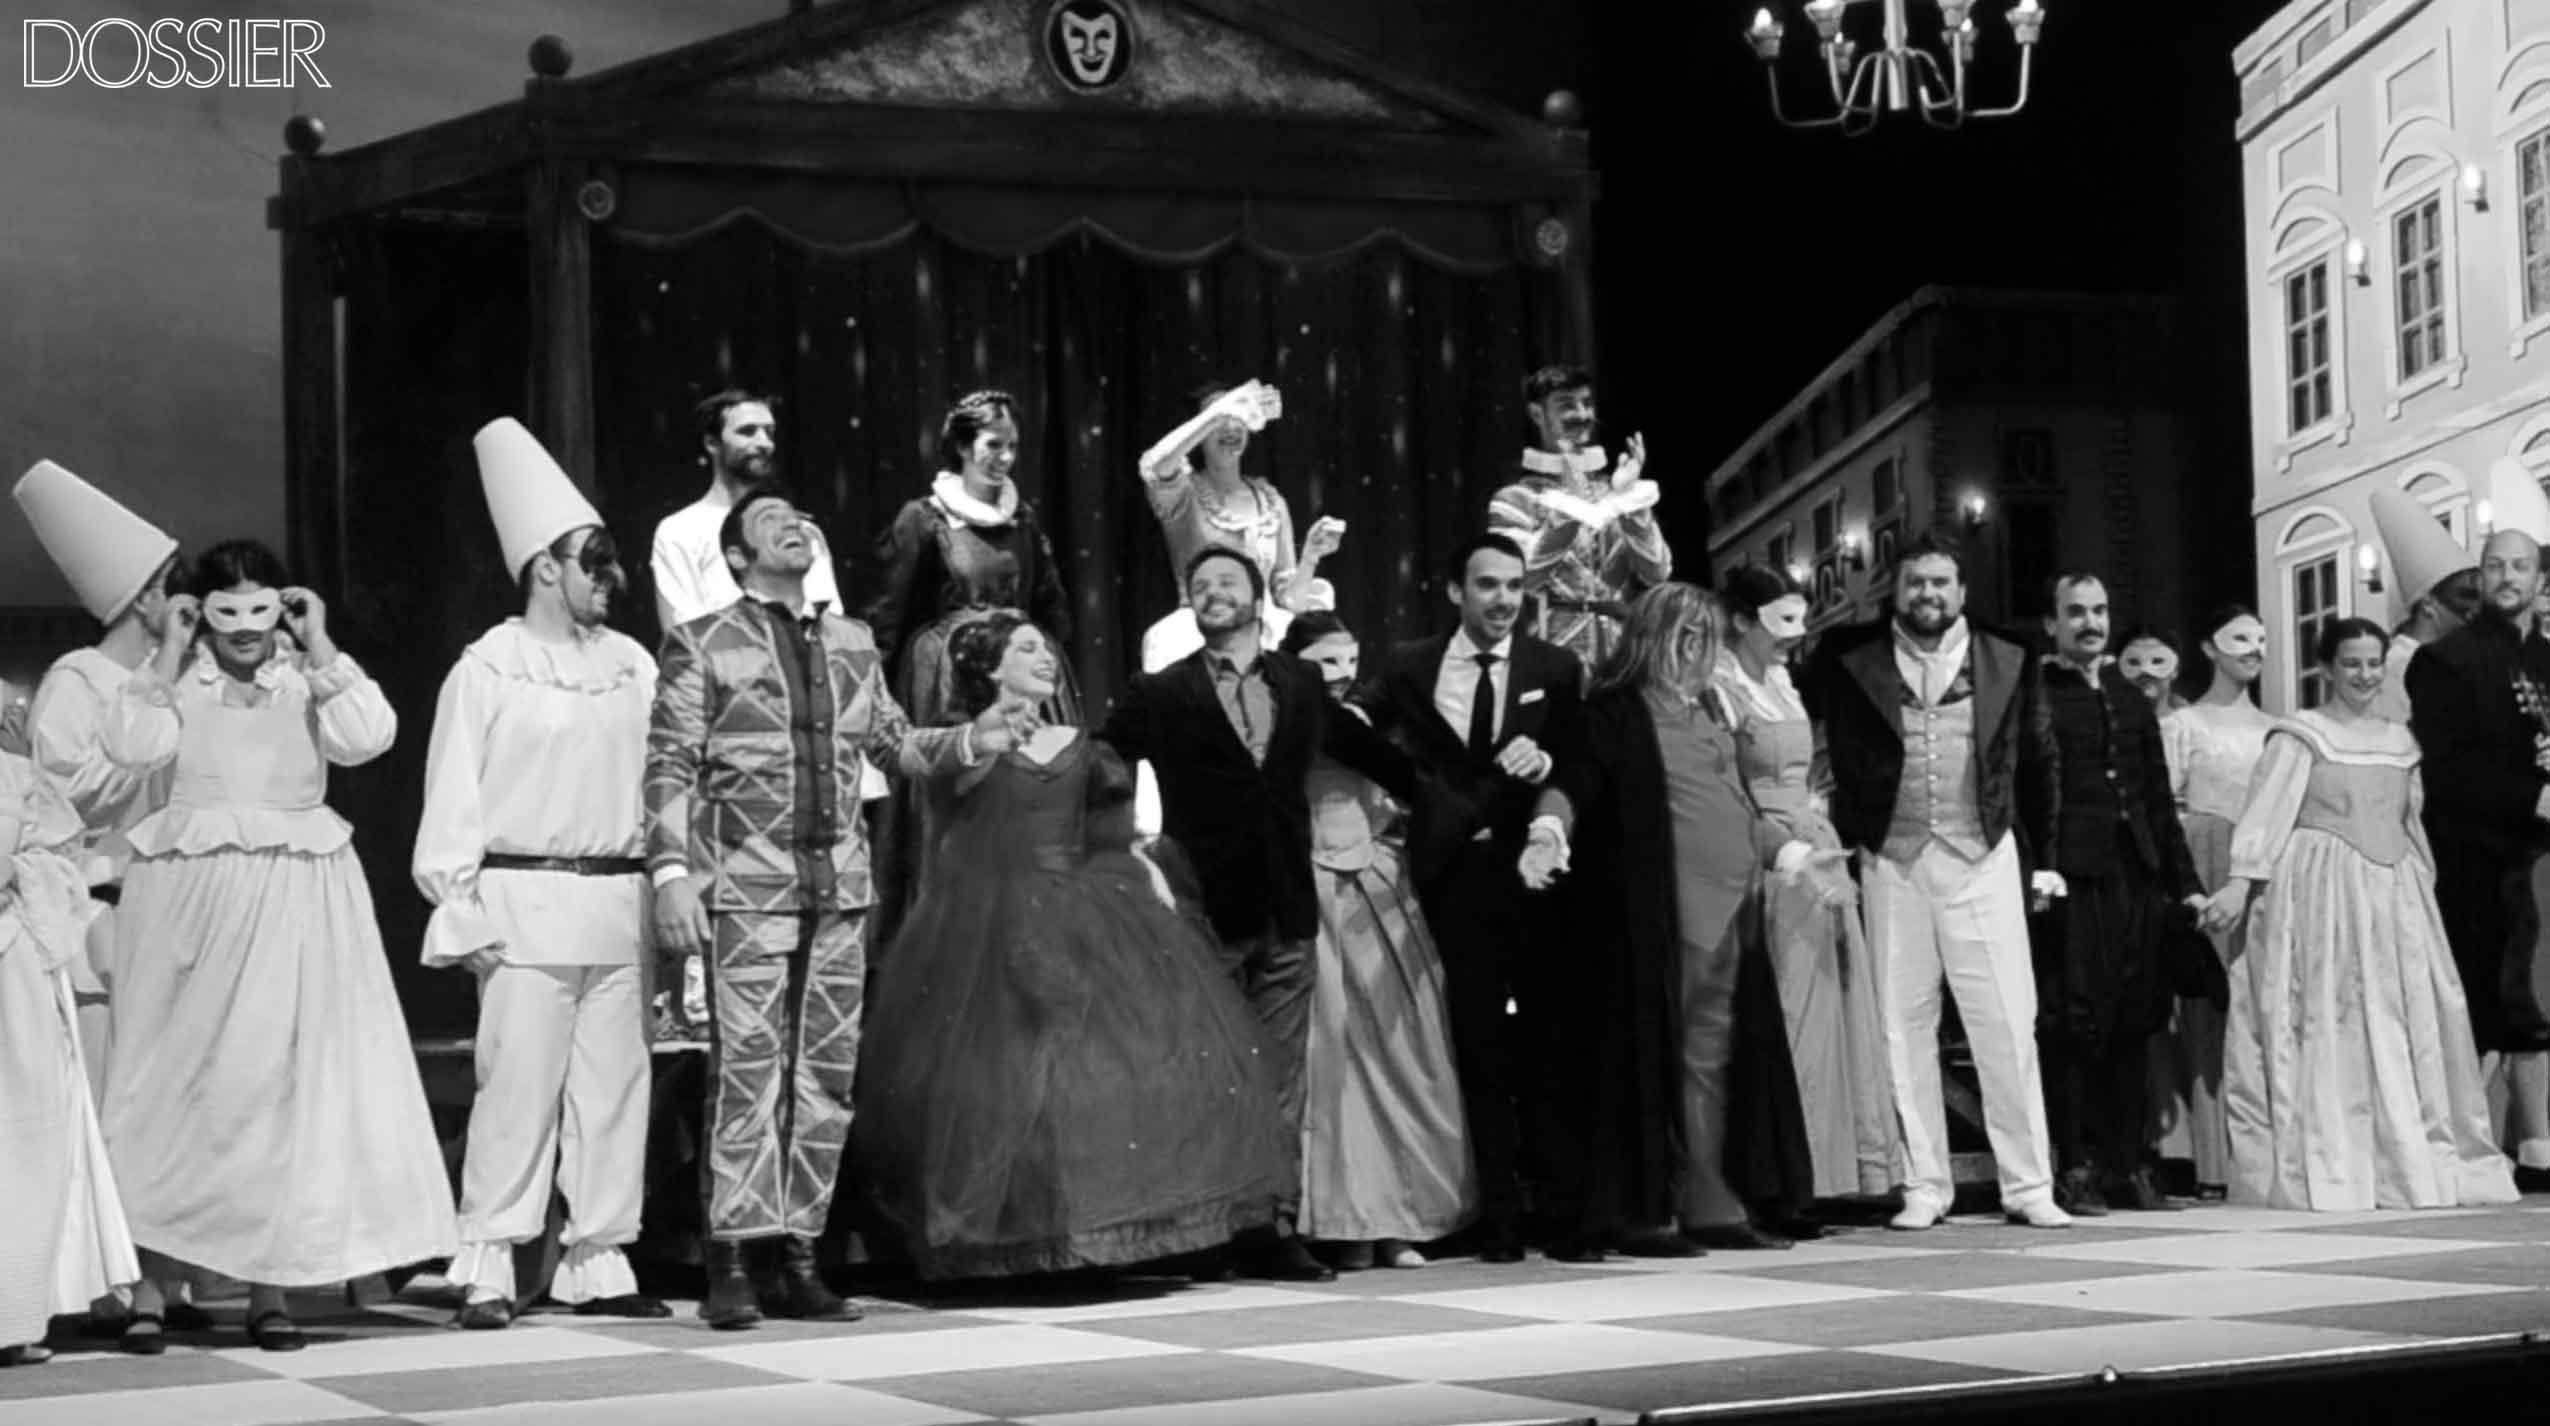 Las celebraciones del 23 de agosto culminaron con una función especial de la Ópera Don Pasquale de Gaetano Donizetti. Dirección Musical: Martín Jorge Dirección Escénica: André Heller-Lopes (Brasil)